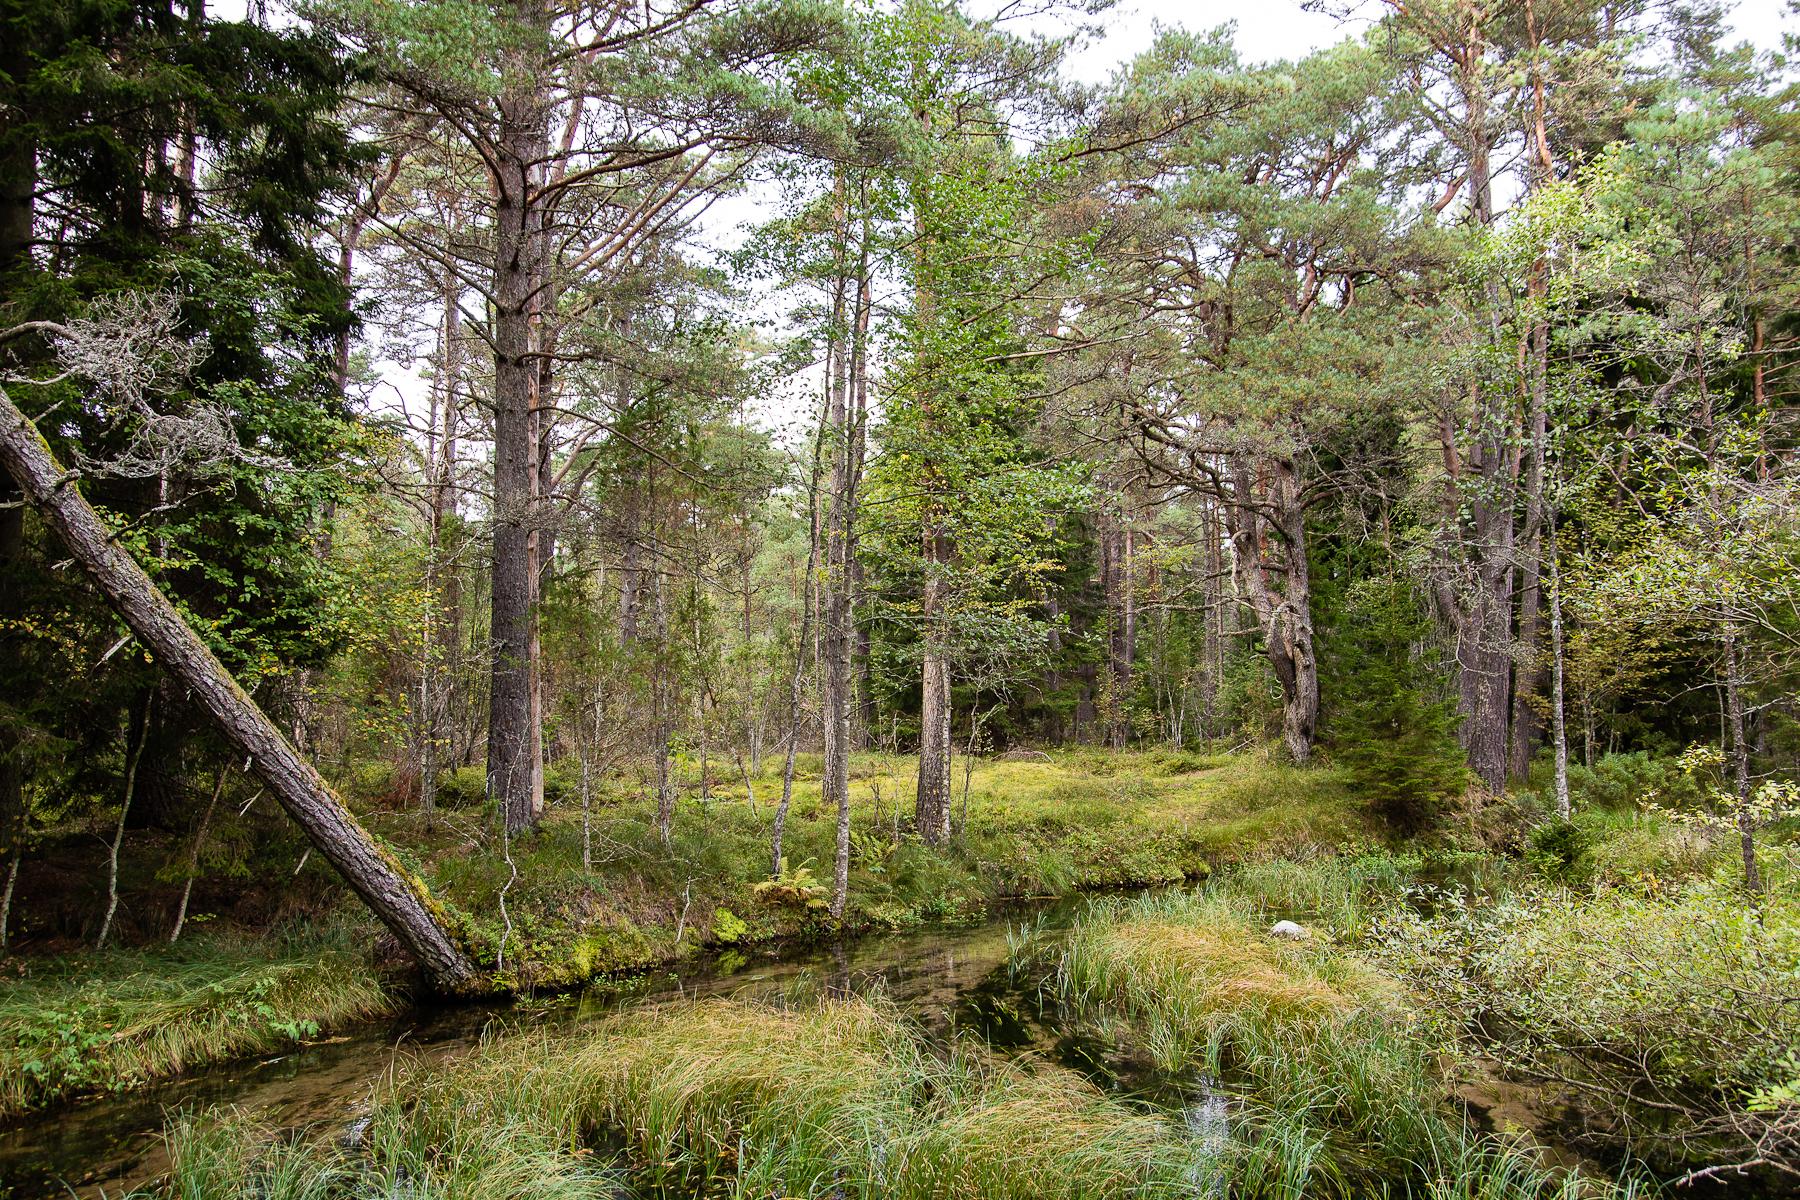 Forest Stream Via @Atisgailis